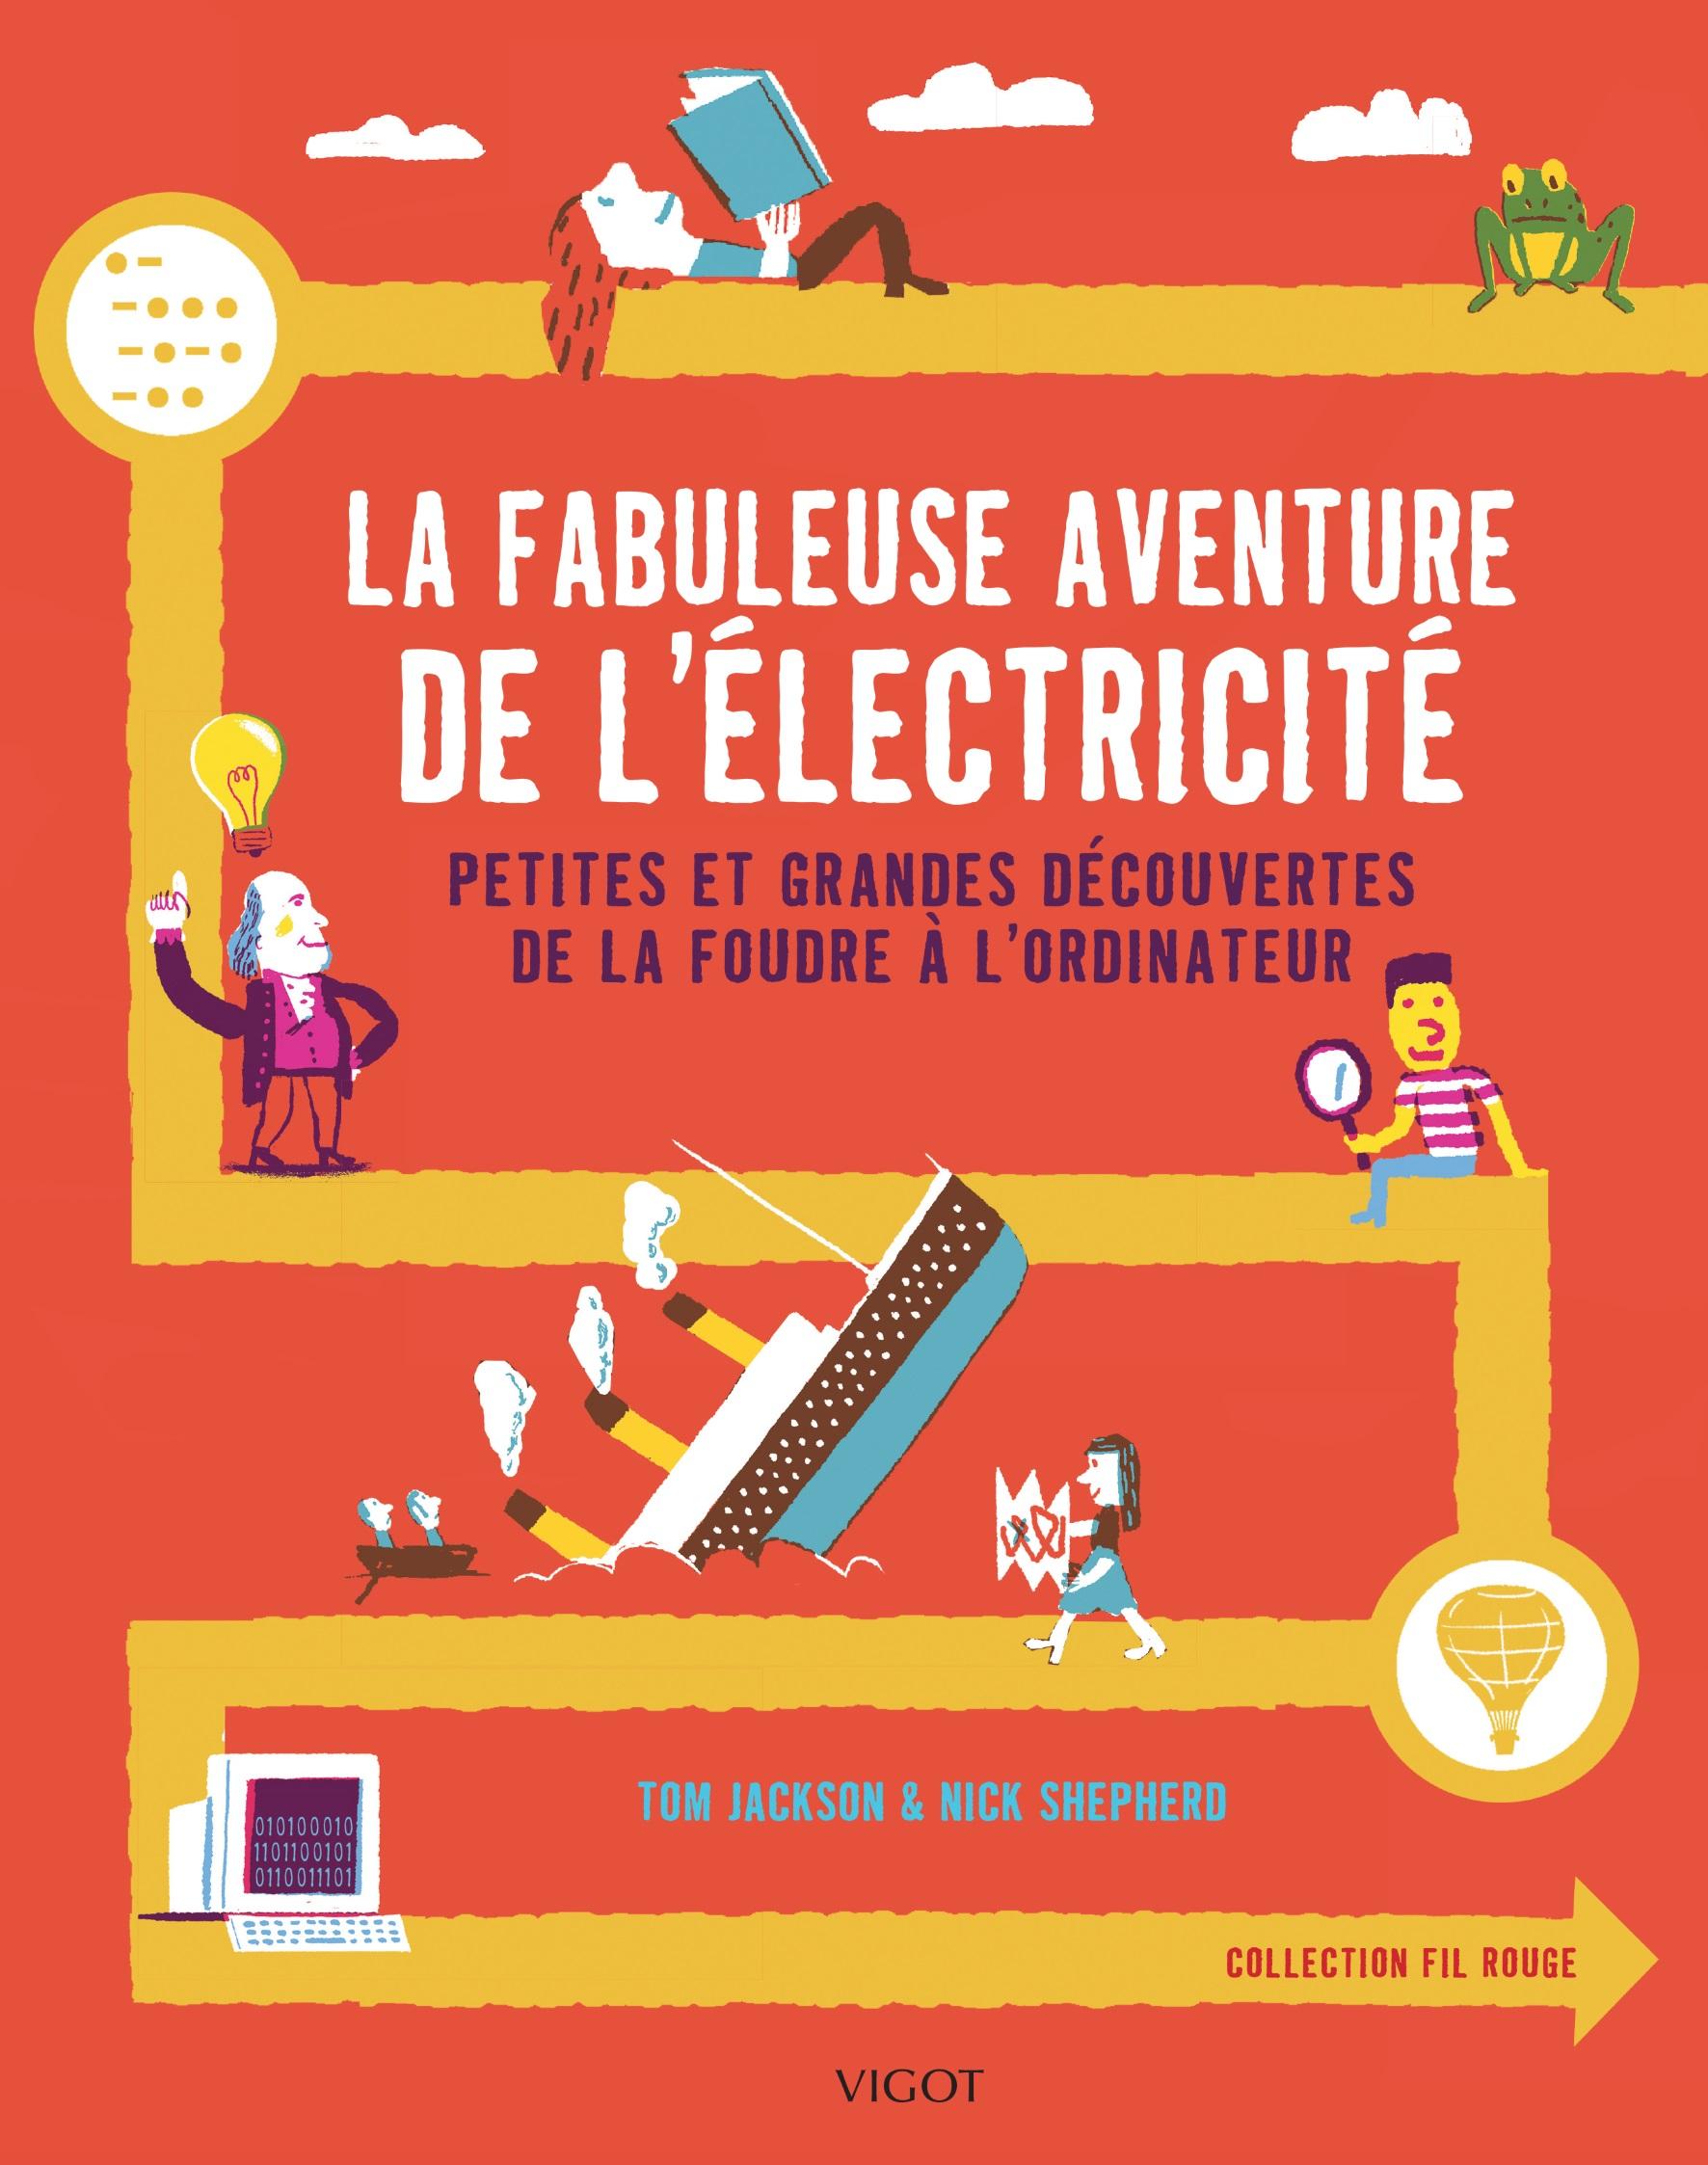 La fabuleuse aventure de l'électricité